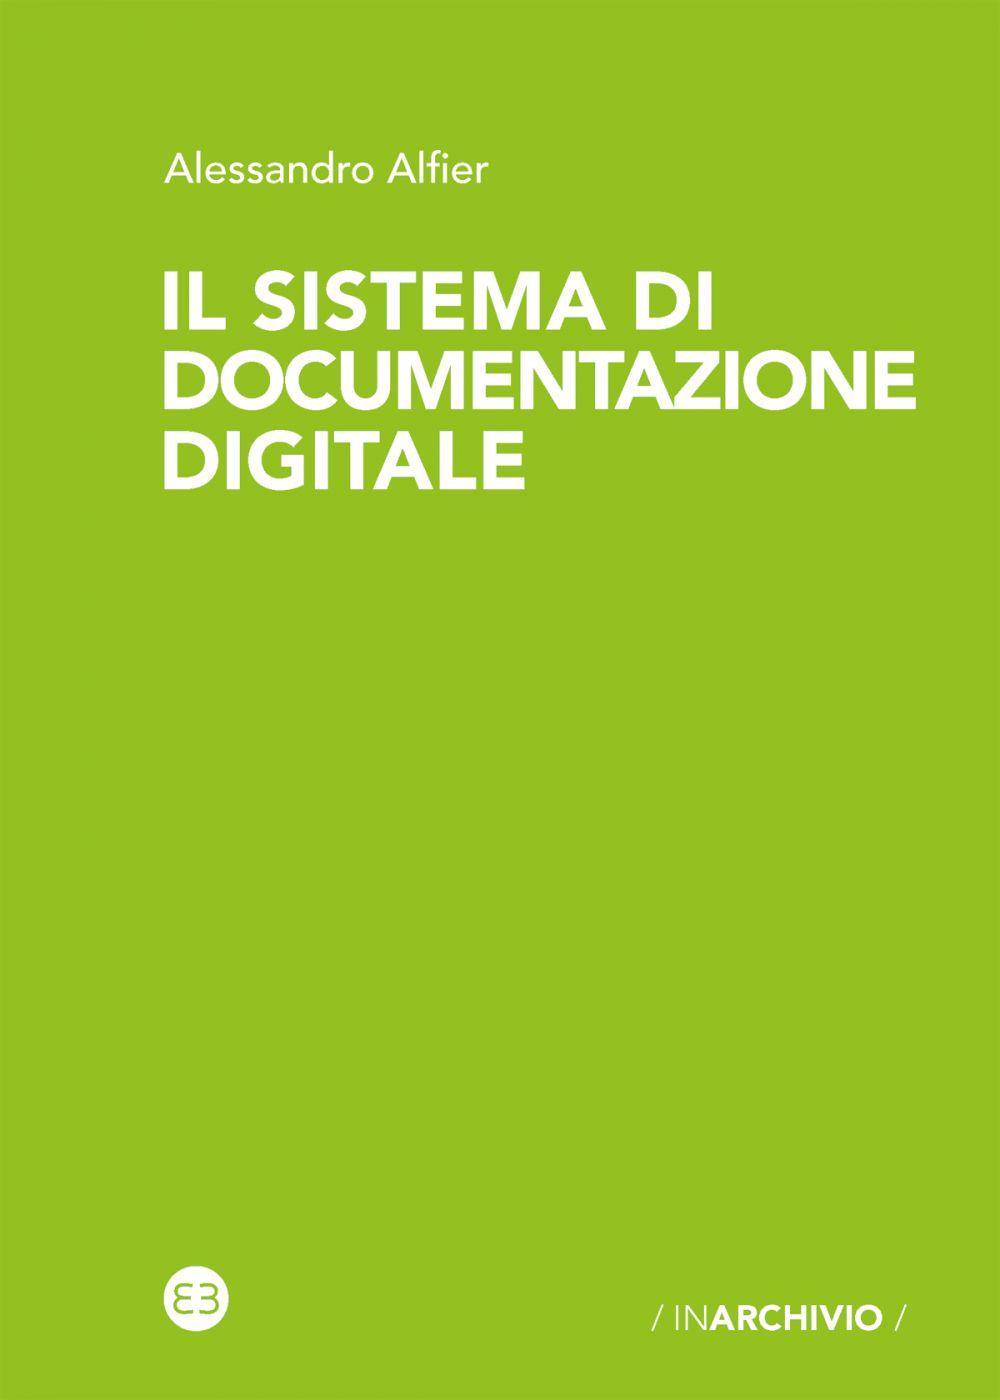 Il sistema di documentazione digitale